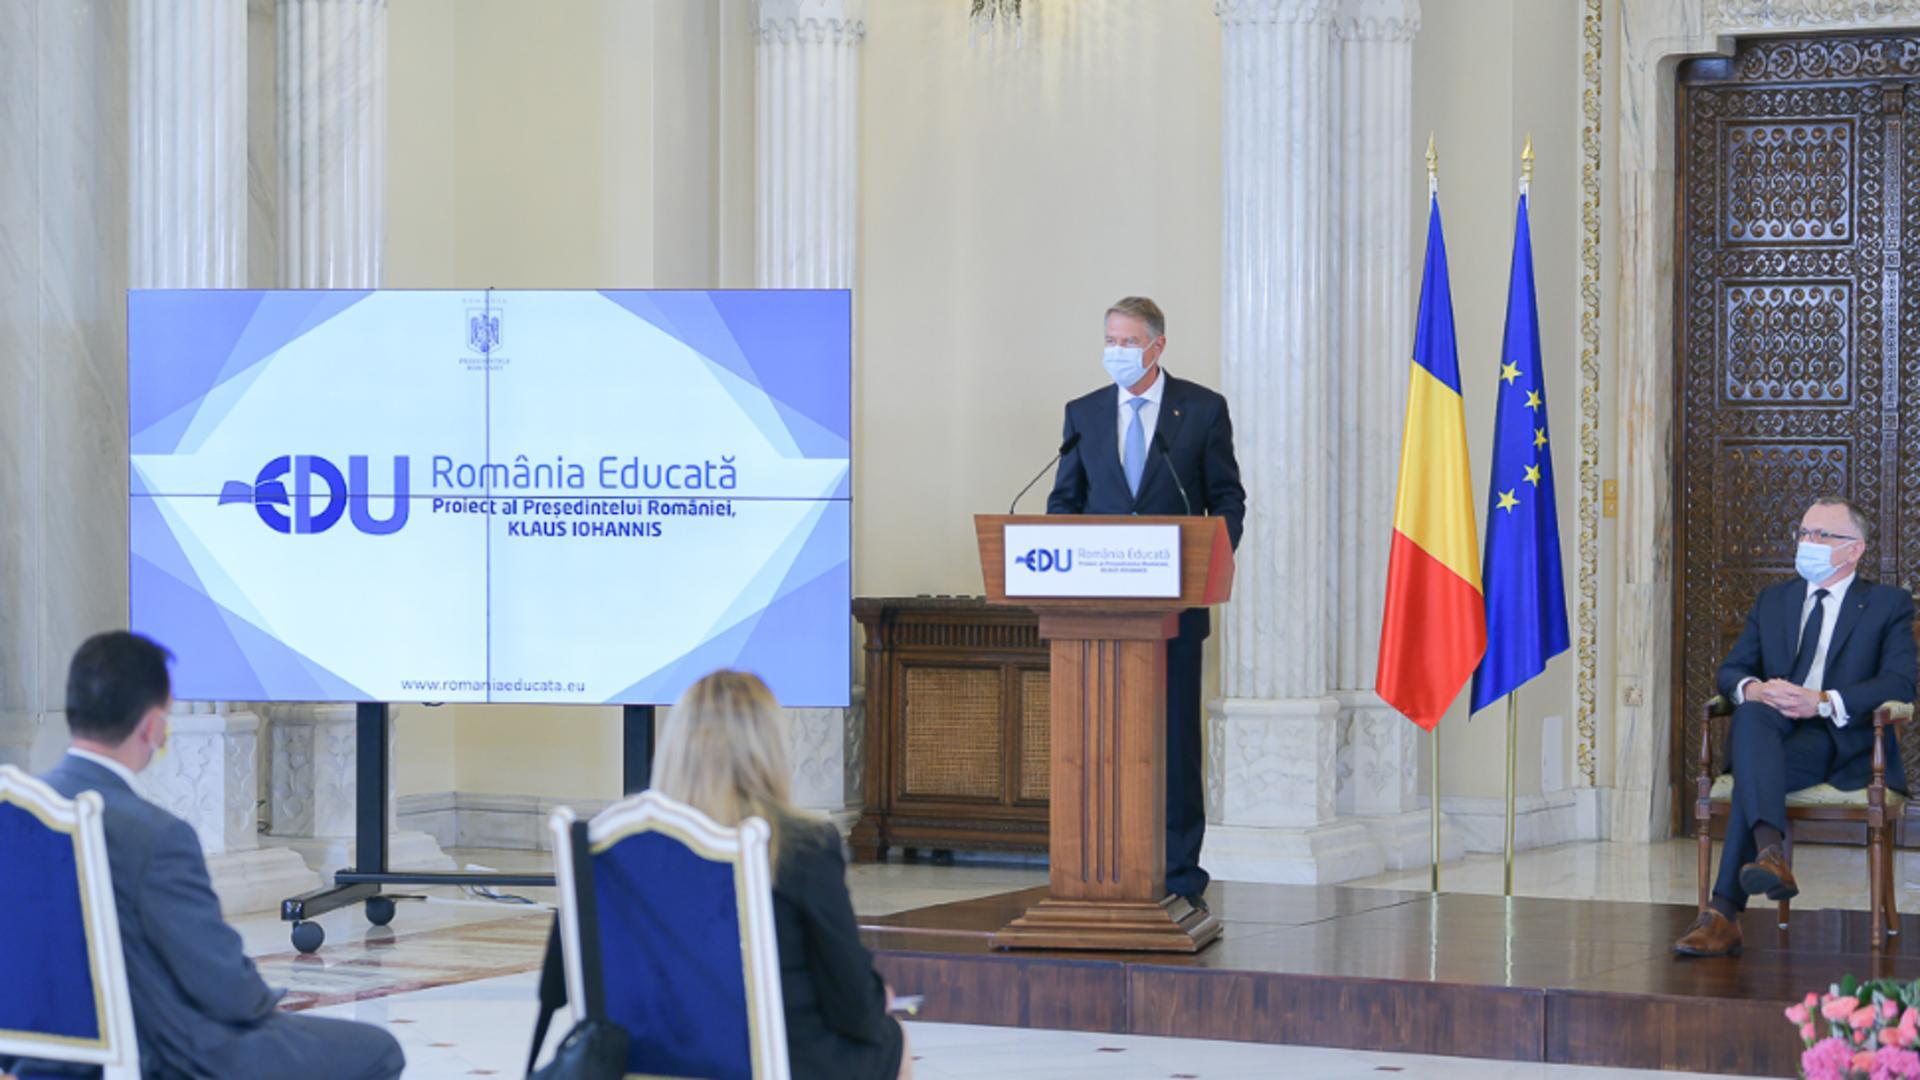 Nouă rundă de consultări cu Iohannis pentru România Educată, cu Ludovic Orban, Anca Dragu și comisiile de învățământ